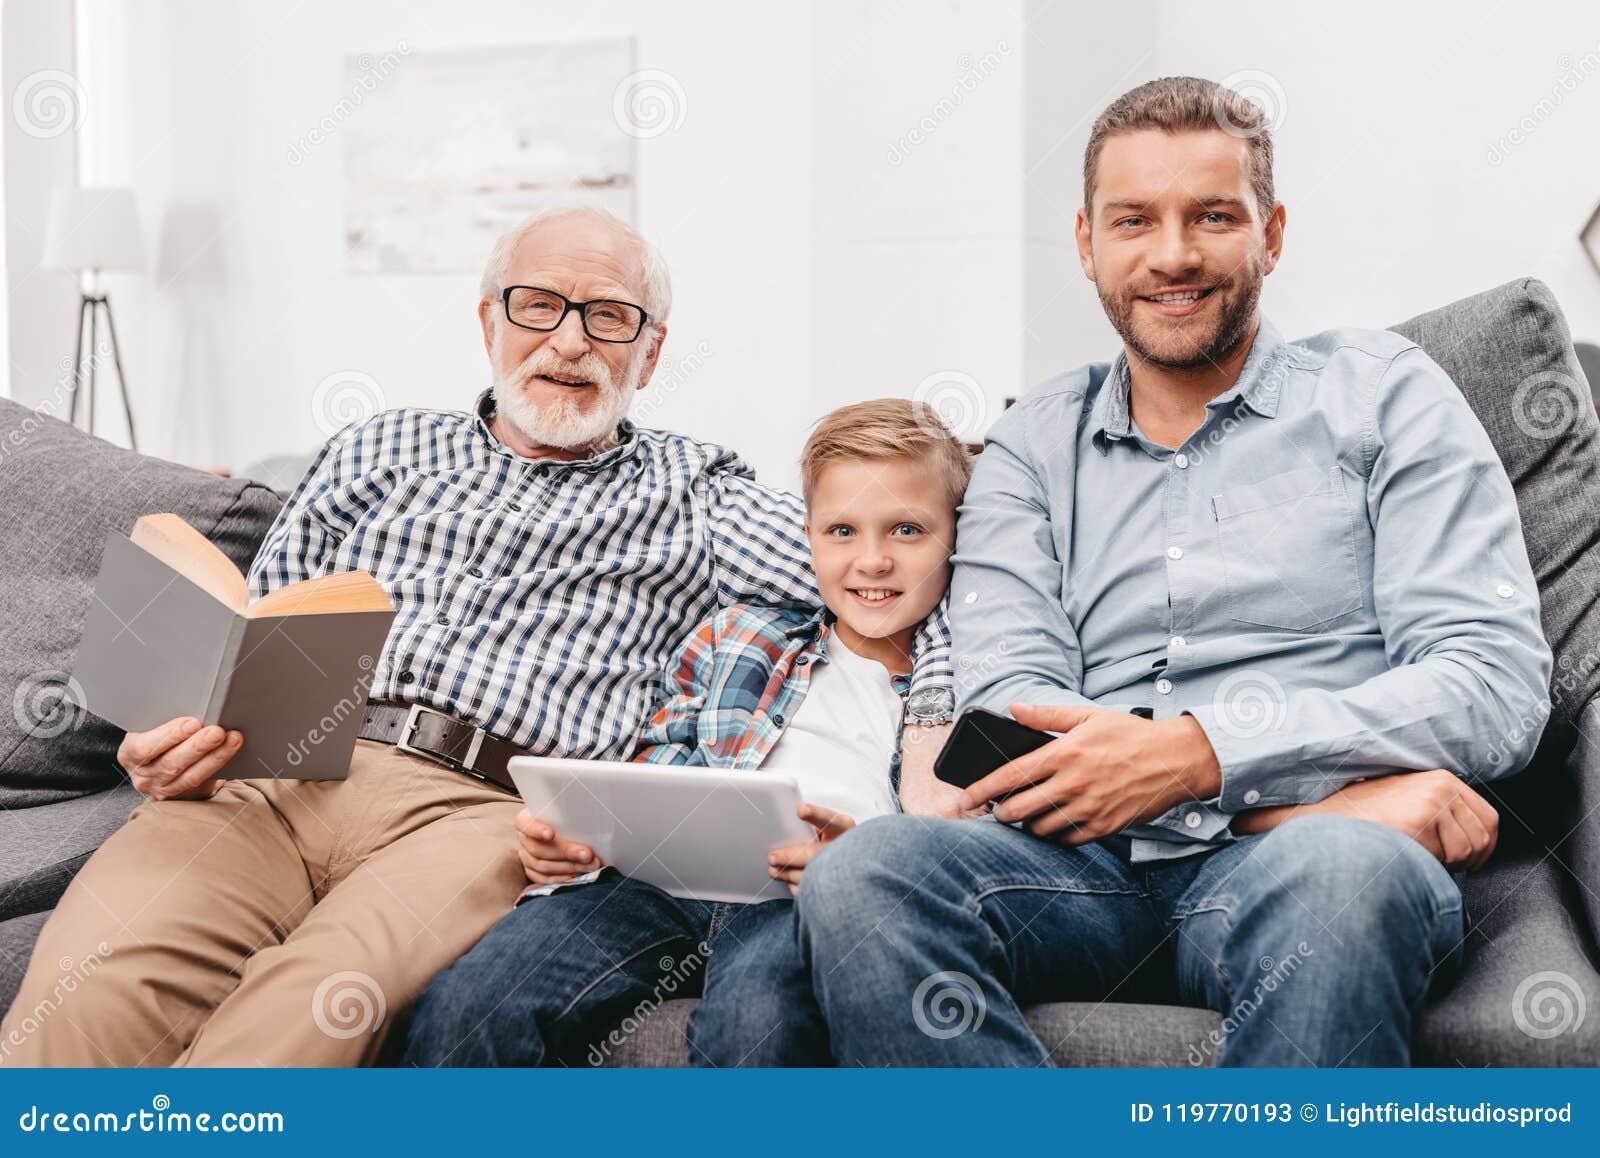 Χαλάρωση πατέρων, γιων και παππούδων μαζί στον καναπέ στο καθιστικό με την ψηφιακή ταμπλέτα, smartphone